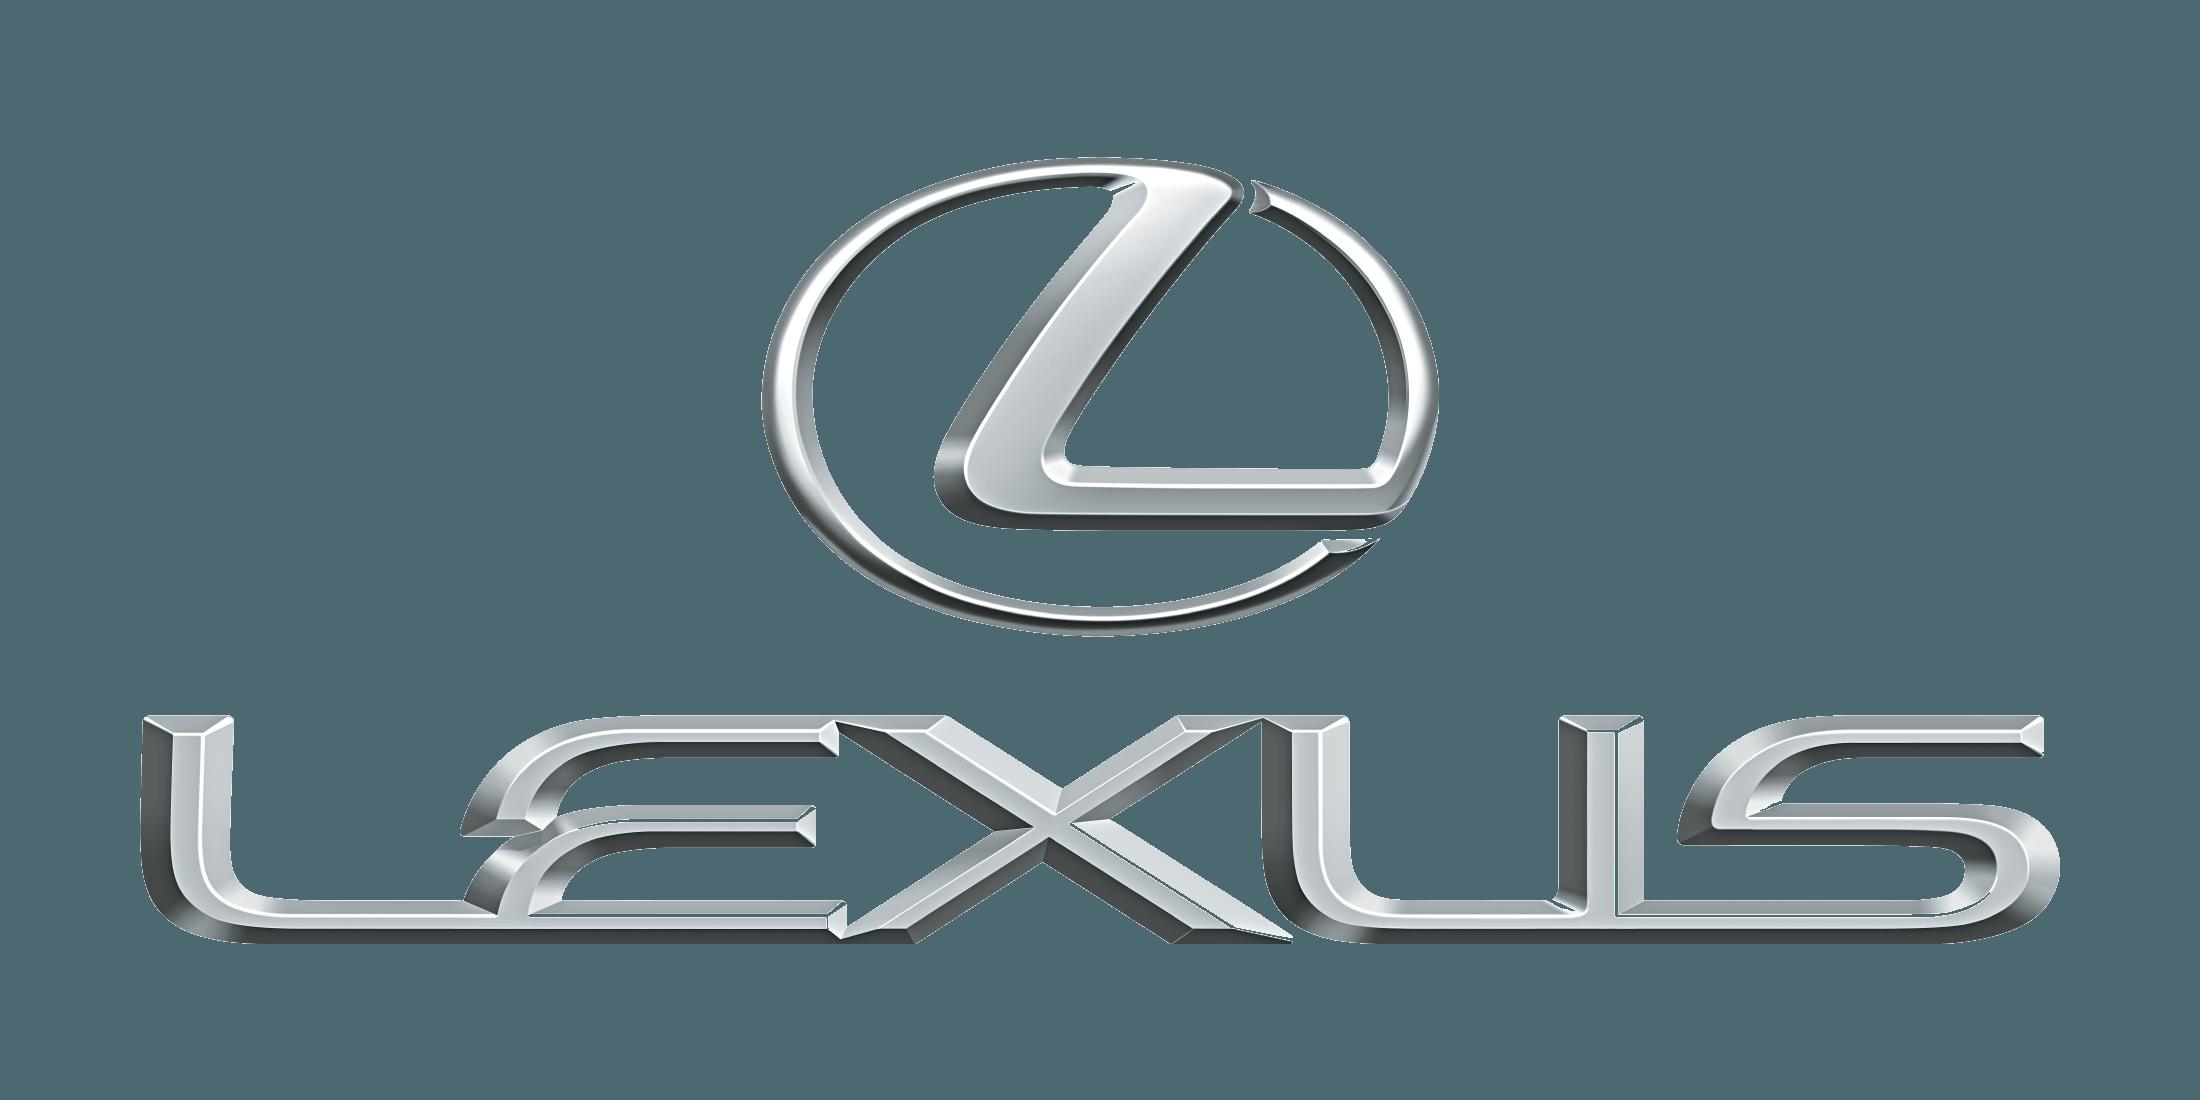 Download PNG image - Lexus Car Logo Png Brand Image - Car Logo PNG